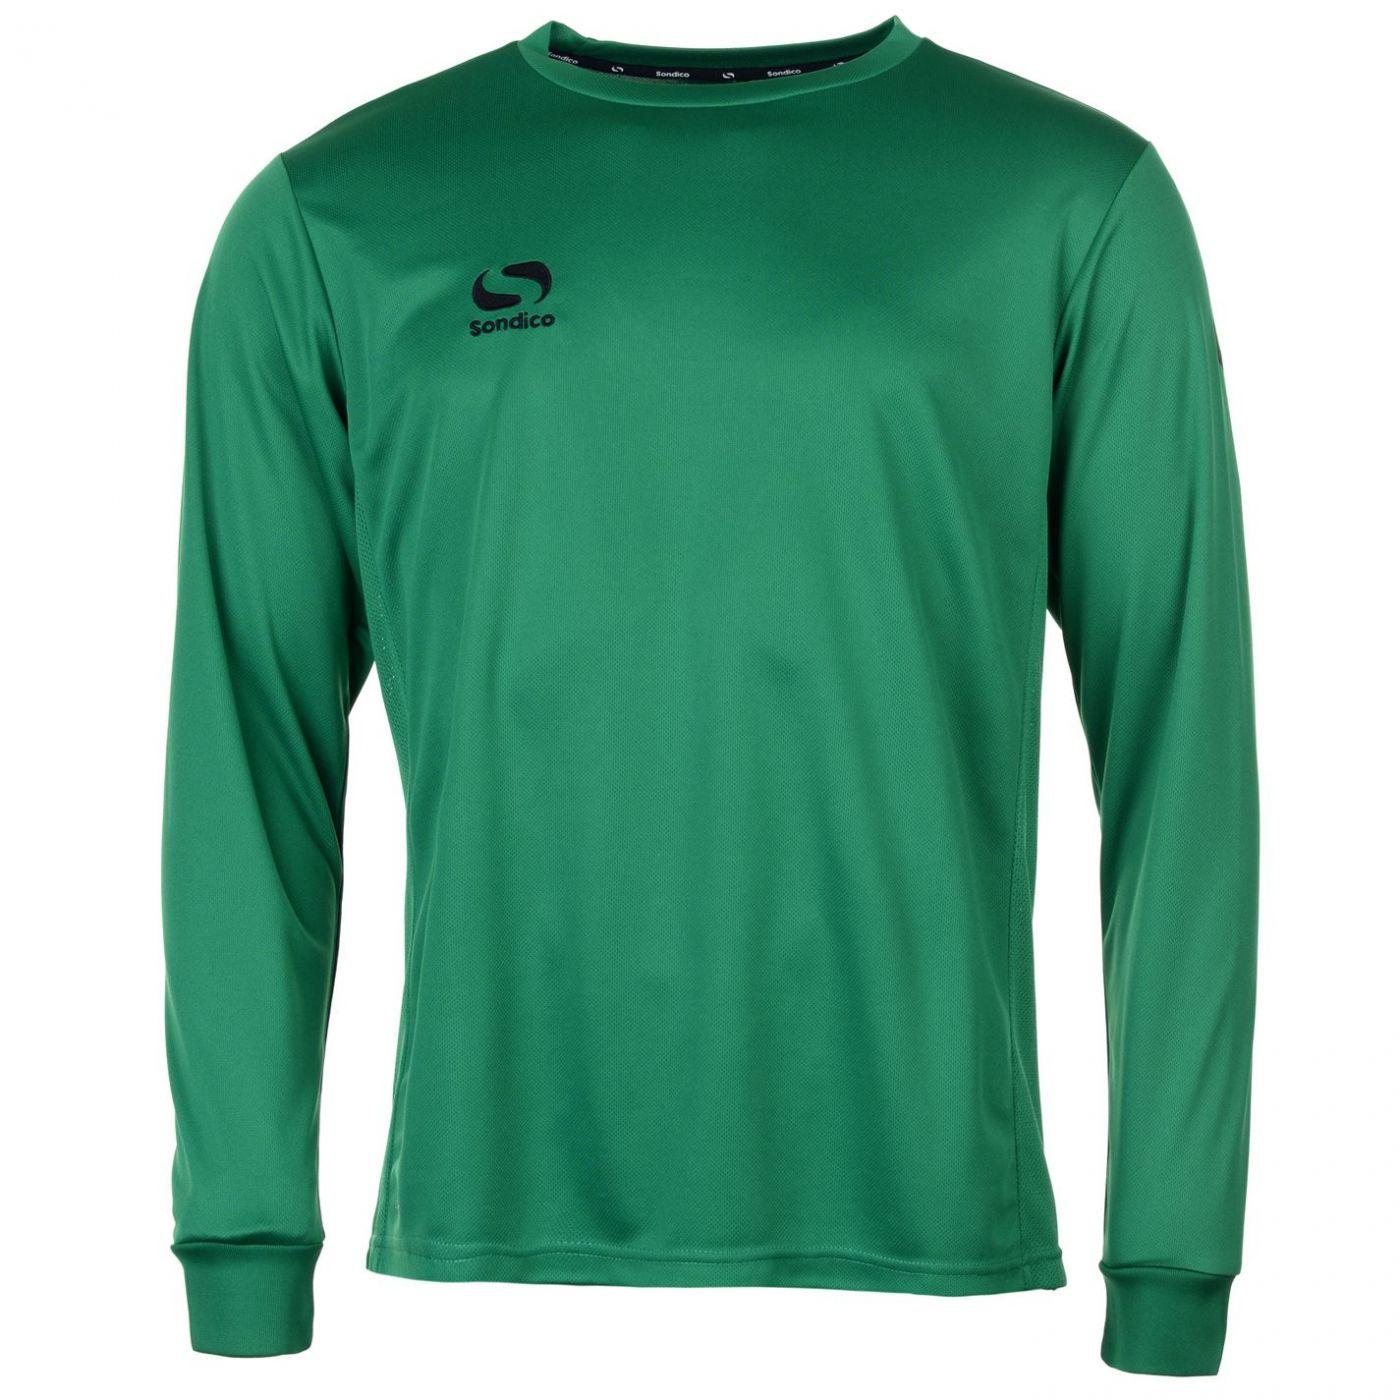 Sondico Classic Football Shirt Mens